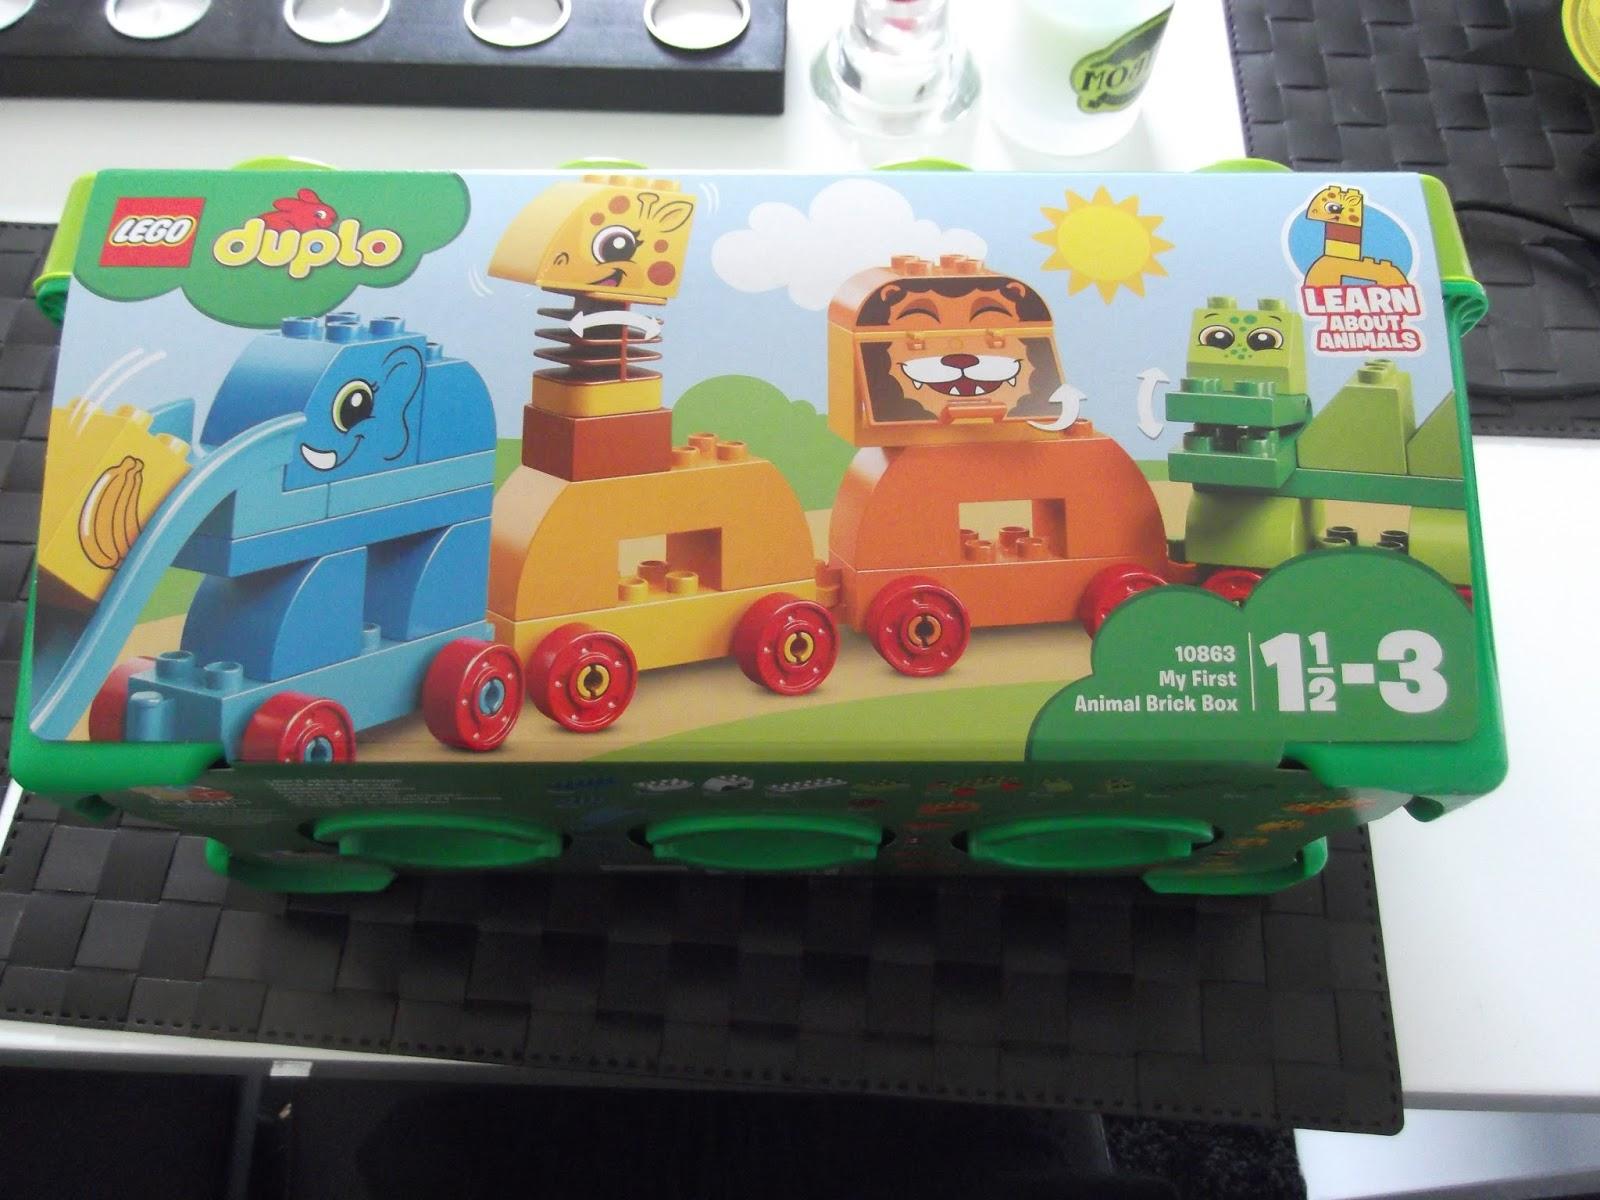 les tests de stephanie: mon test des lego duplo lors de la campagne